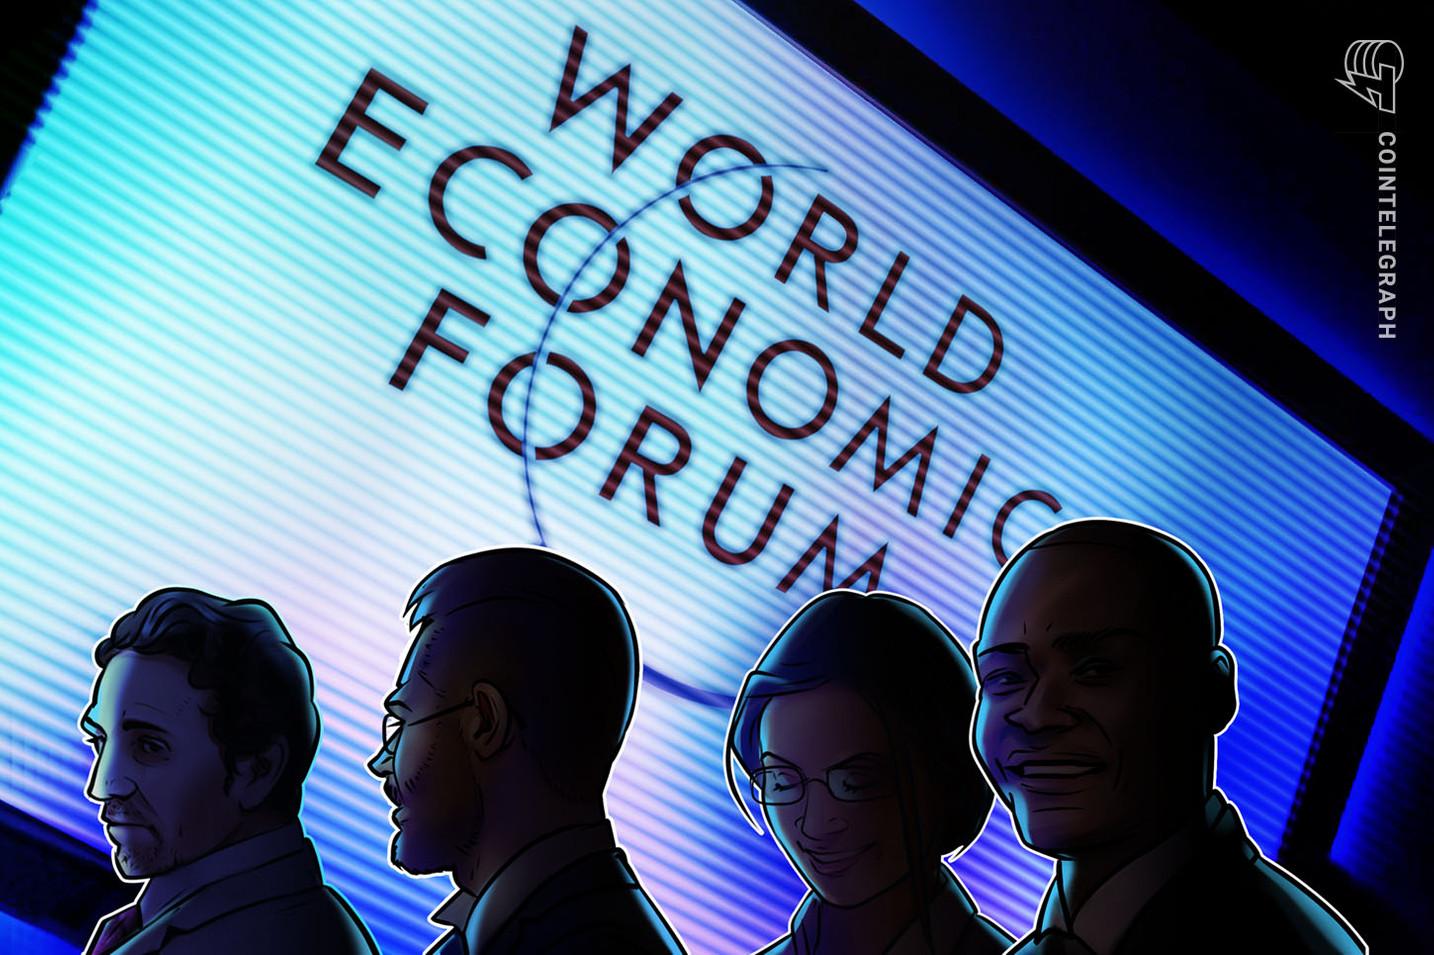 仮想通貨の「投機を超えた」有用性は? 世界経済フォーラムが多様なユースケースをまとめたレポート